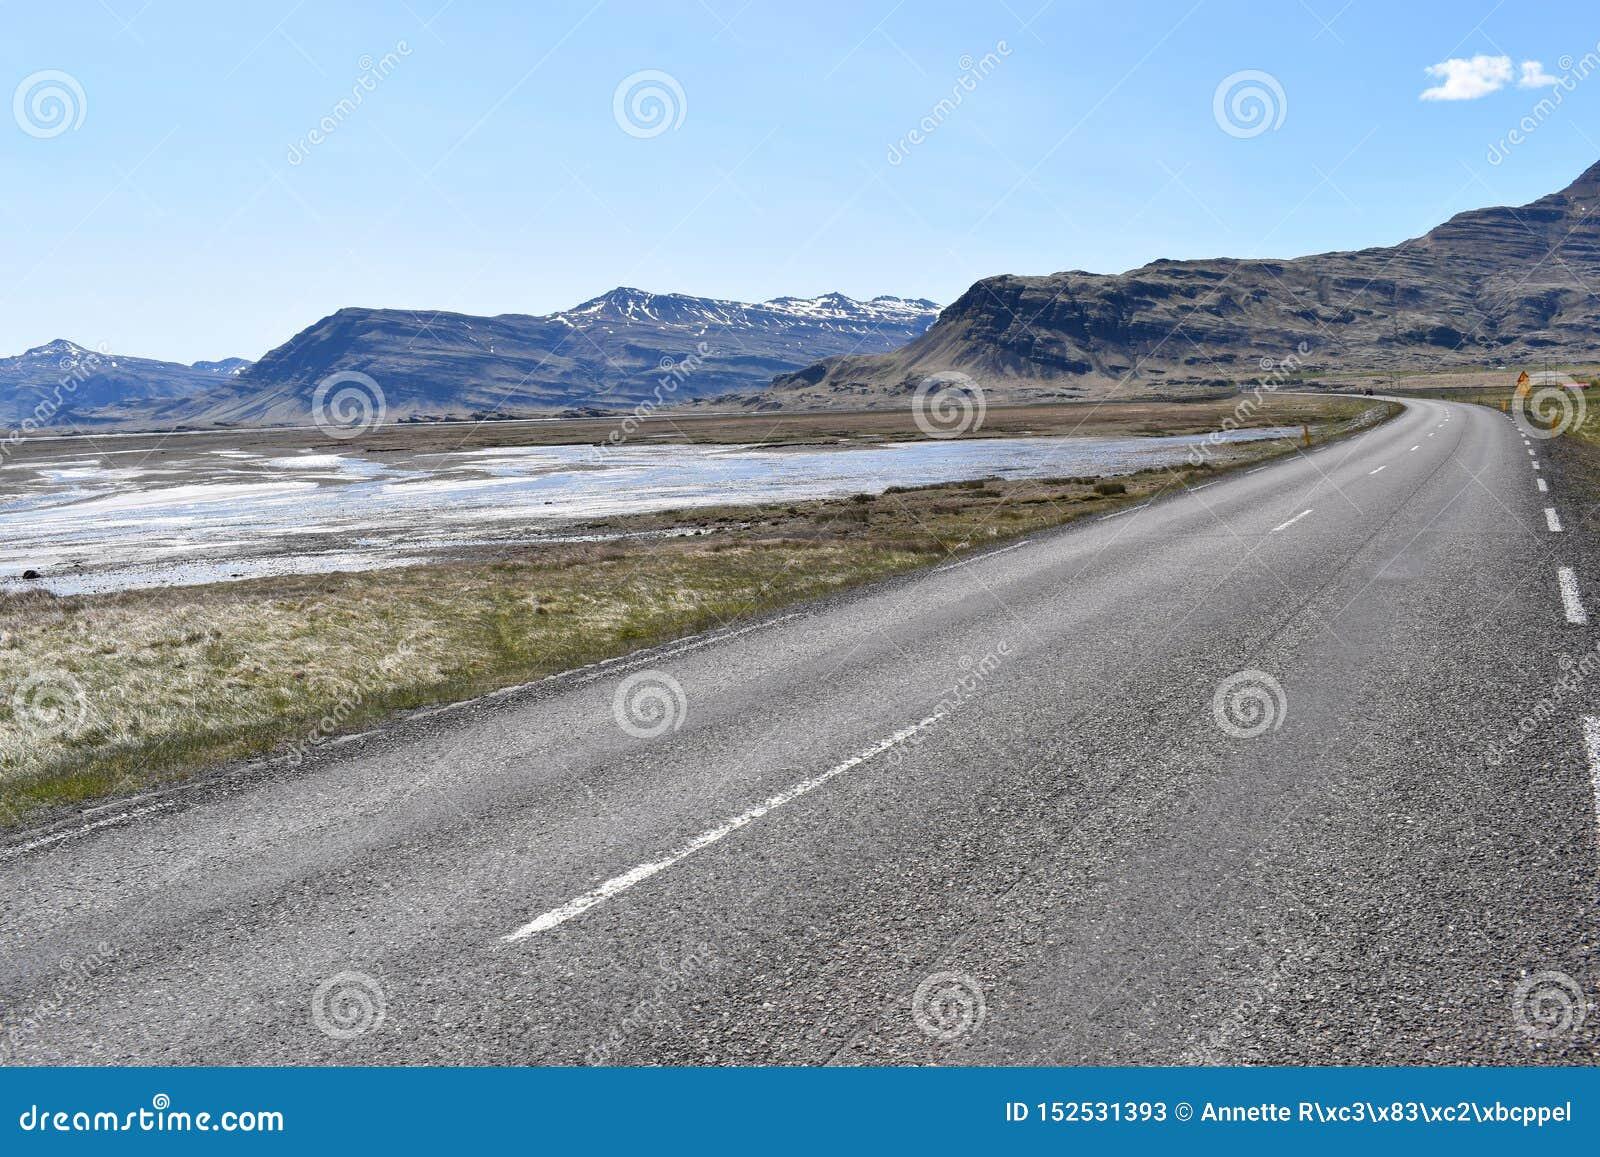 Panoramamening bij de Vestrahorn-Bergen in het zuidoosten van IJsland